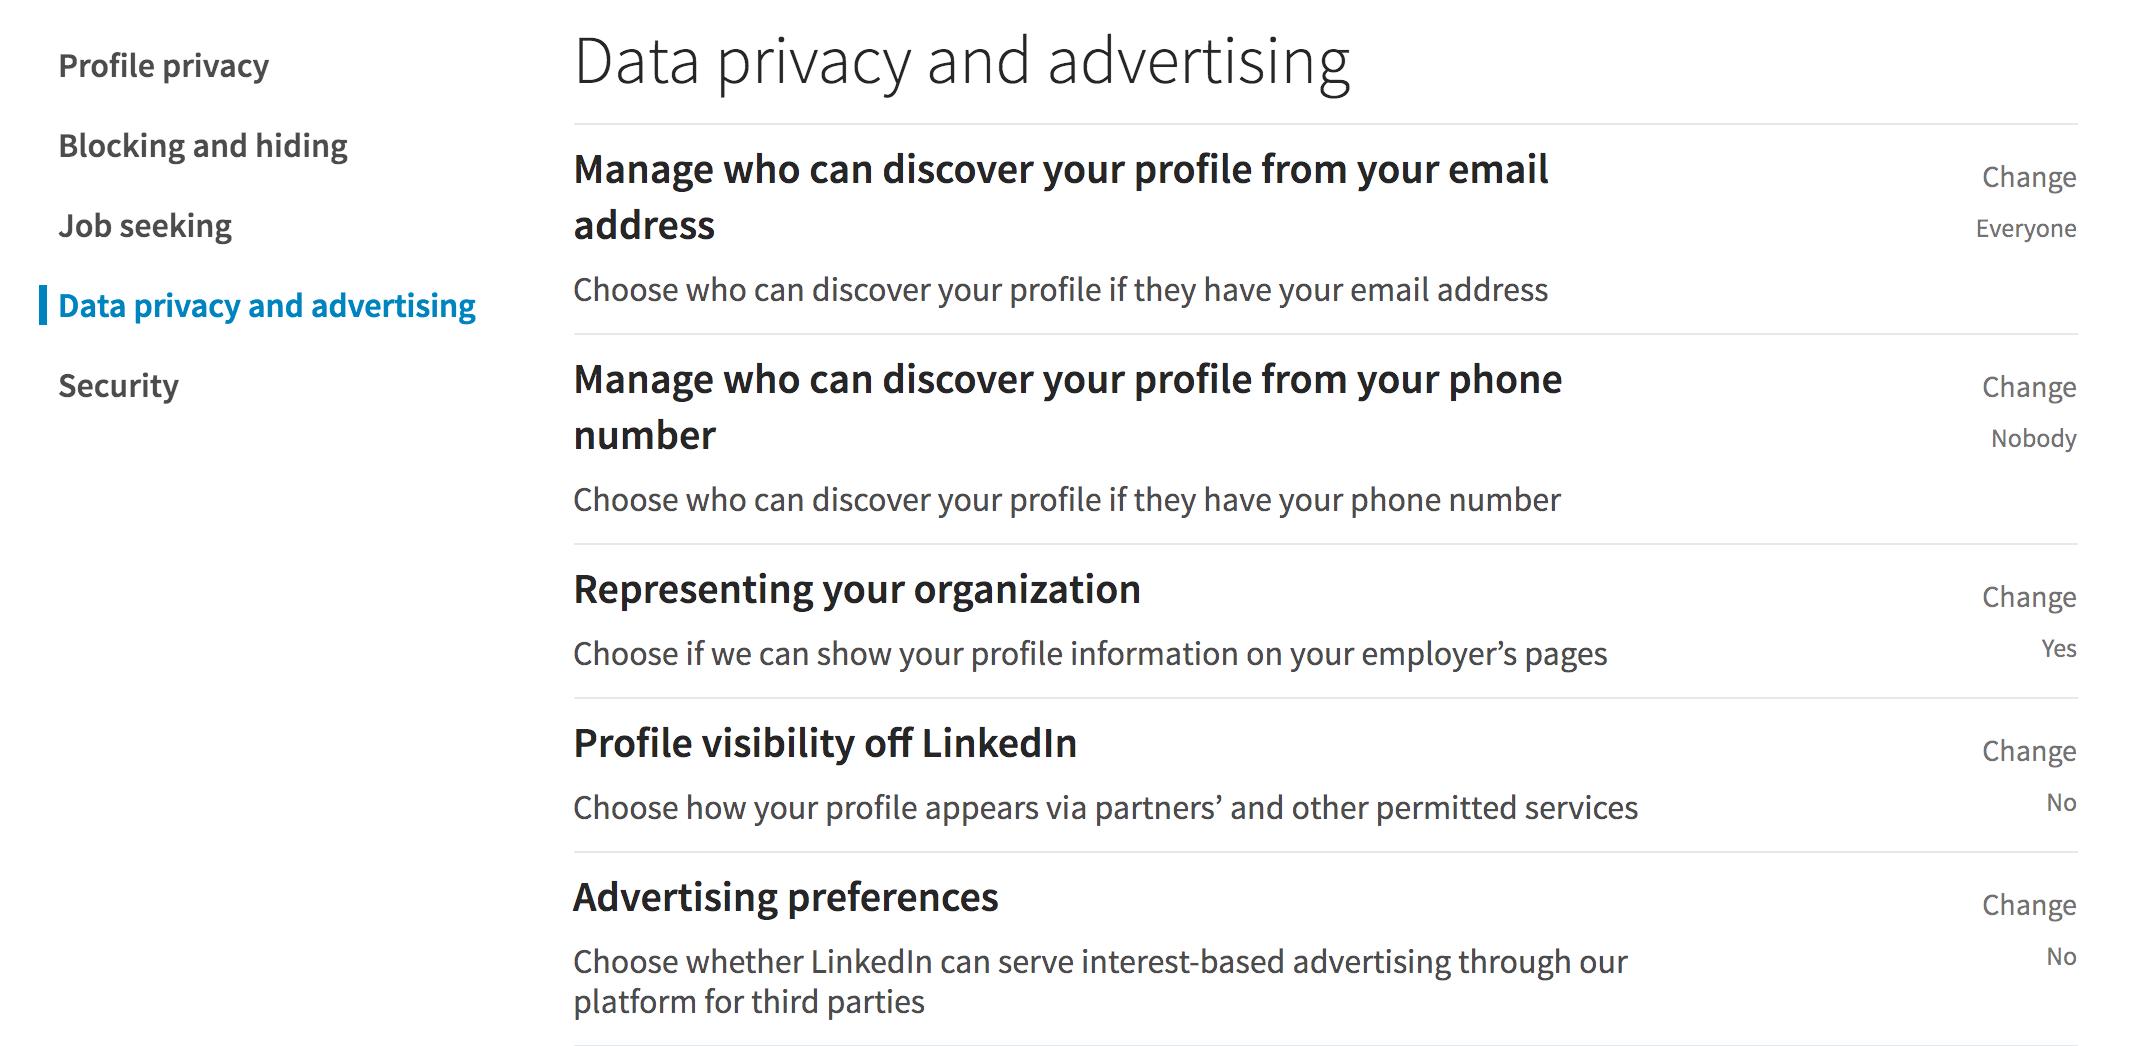 linkedin data privacy advertising